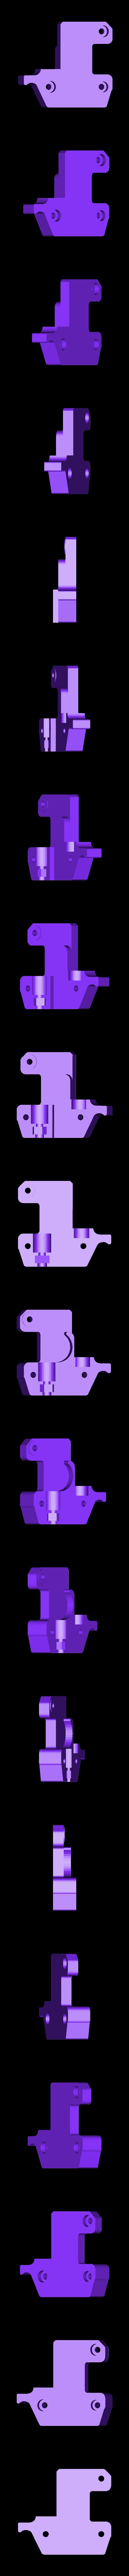 Top_1.stl Télécharger fichier STL gratuit Amélioration de l'extrudeuse Velleman vertex3d K8400 - pointe bowden • Modèle pour impression 3D, cyrus